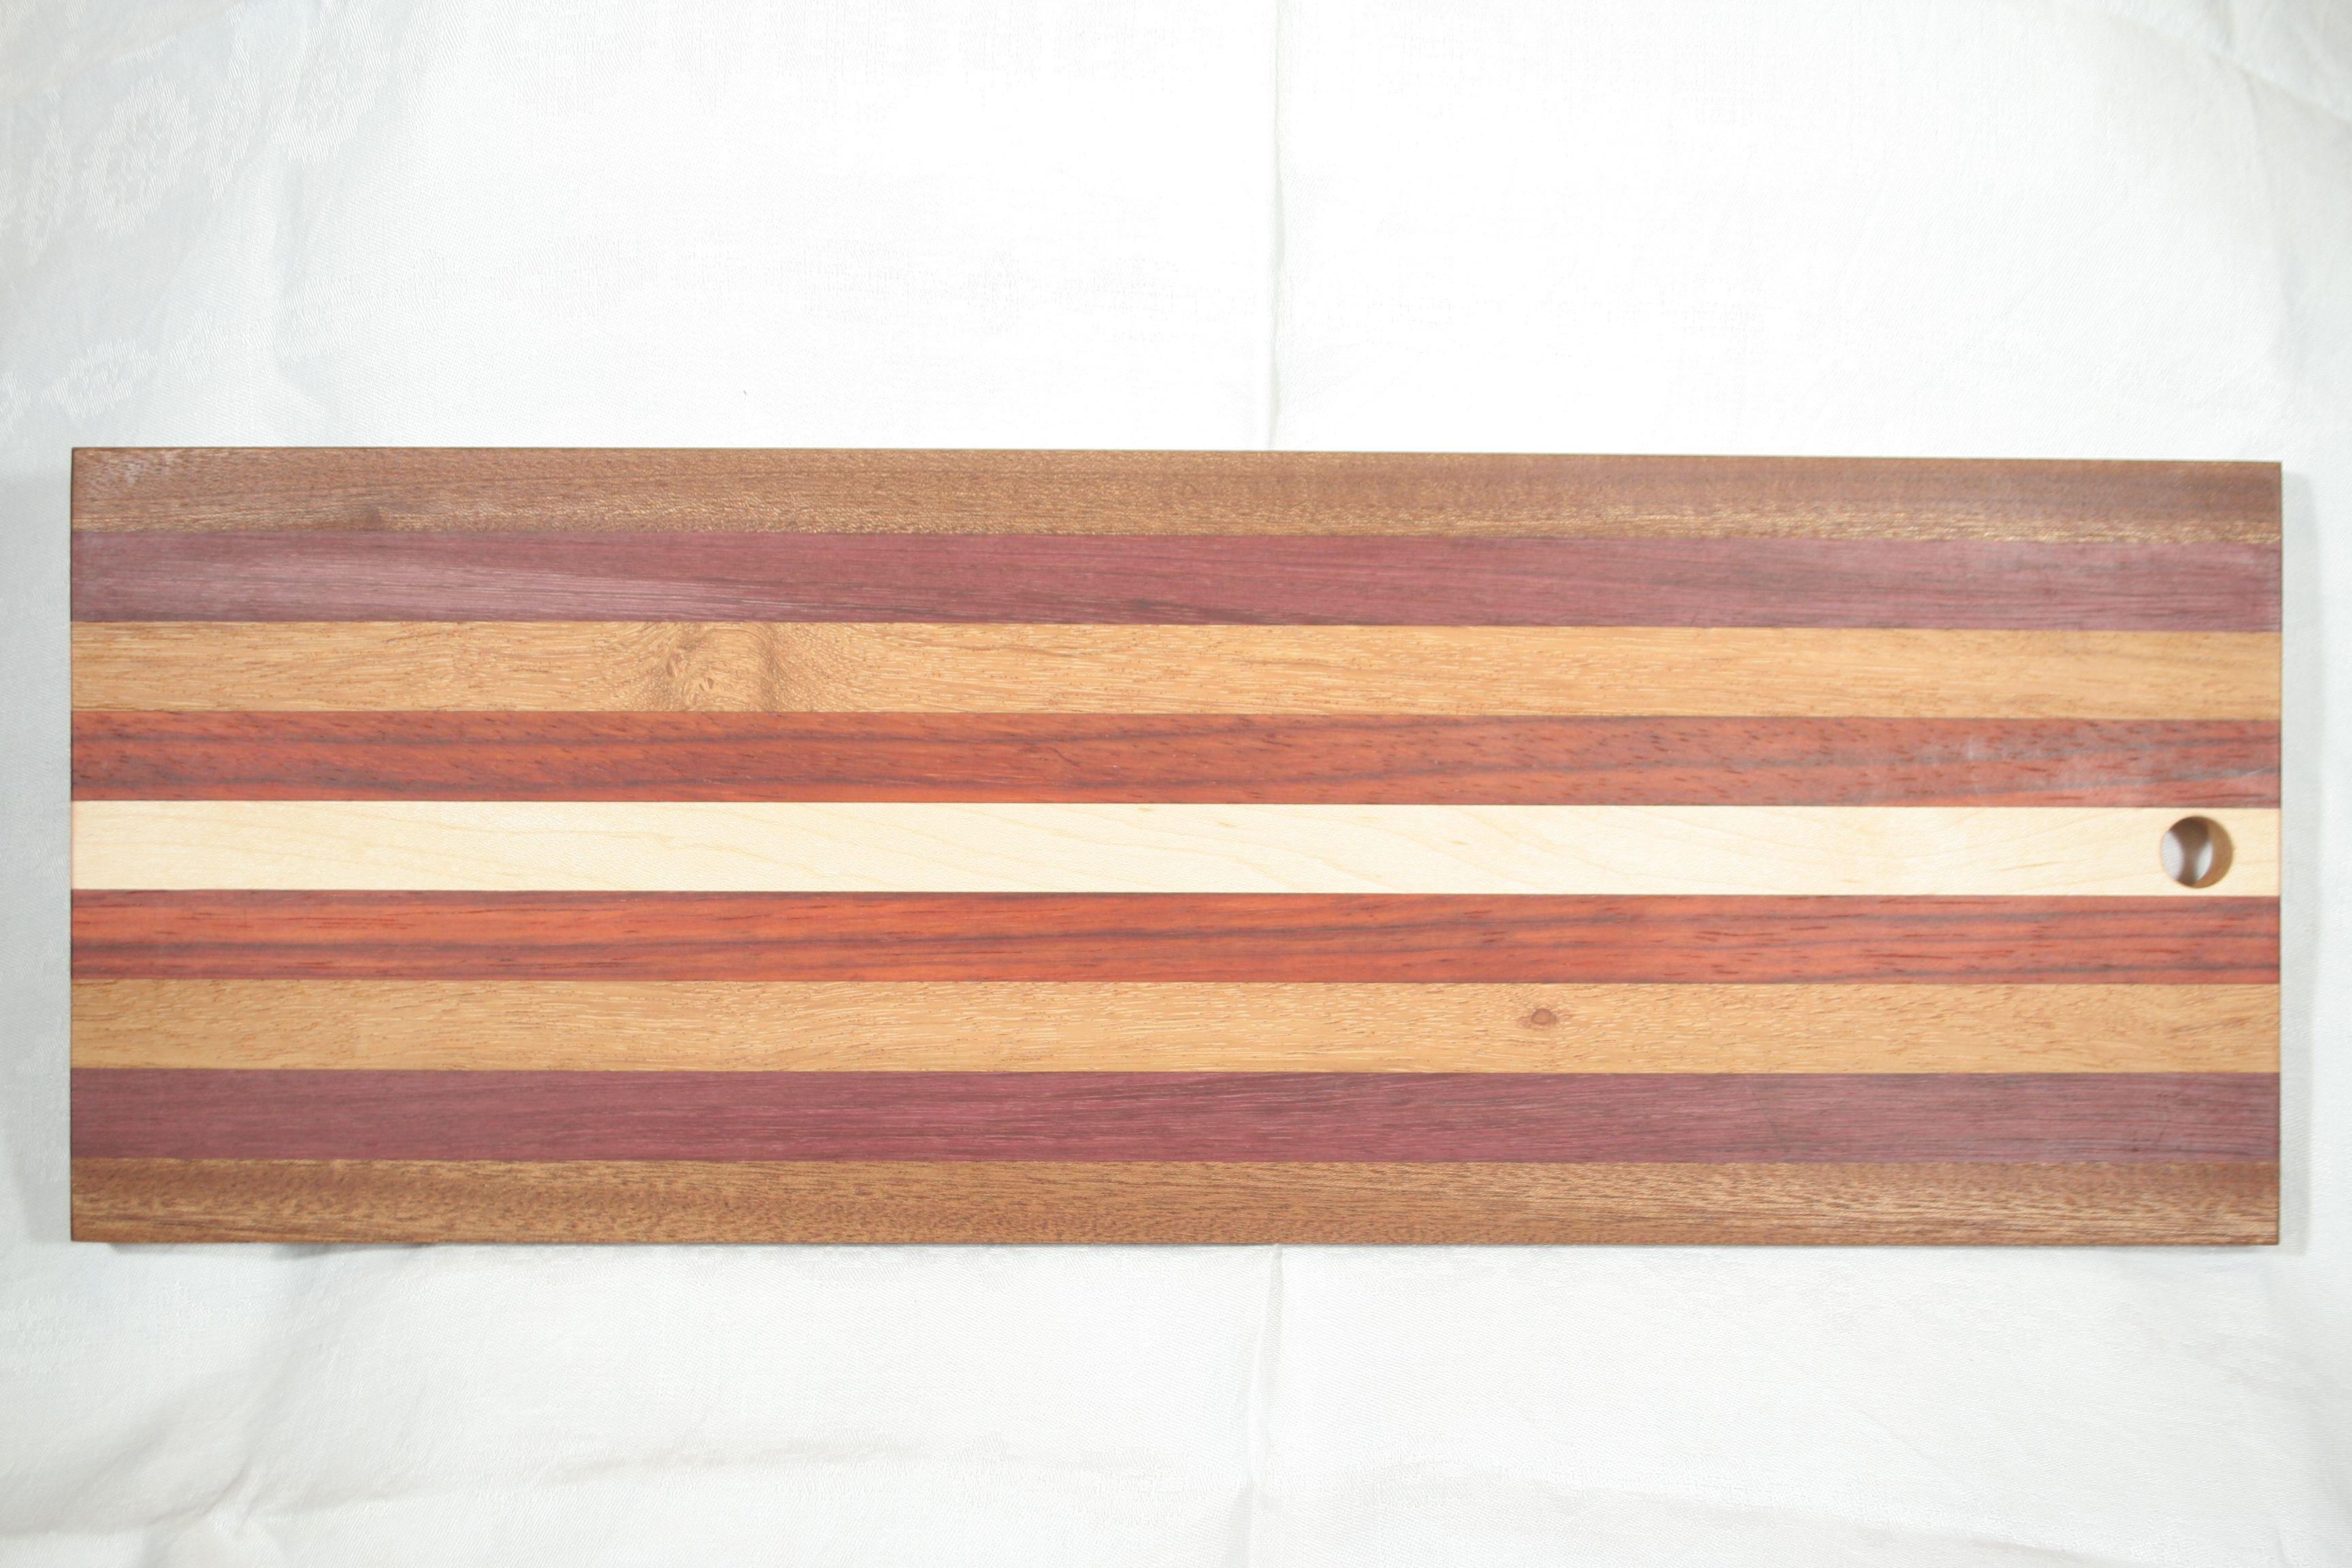 Dit plankje is gemaakt van esdoorn, padoek, afzelia doussié, purperhart en sipo mahonie.